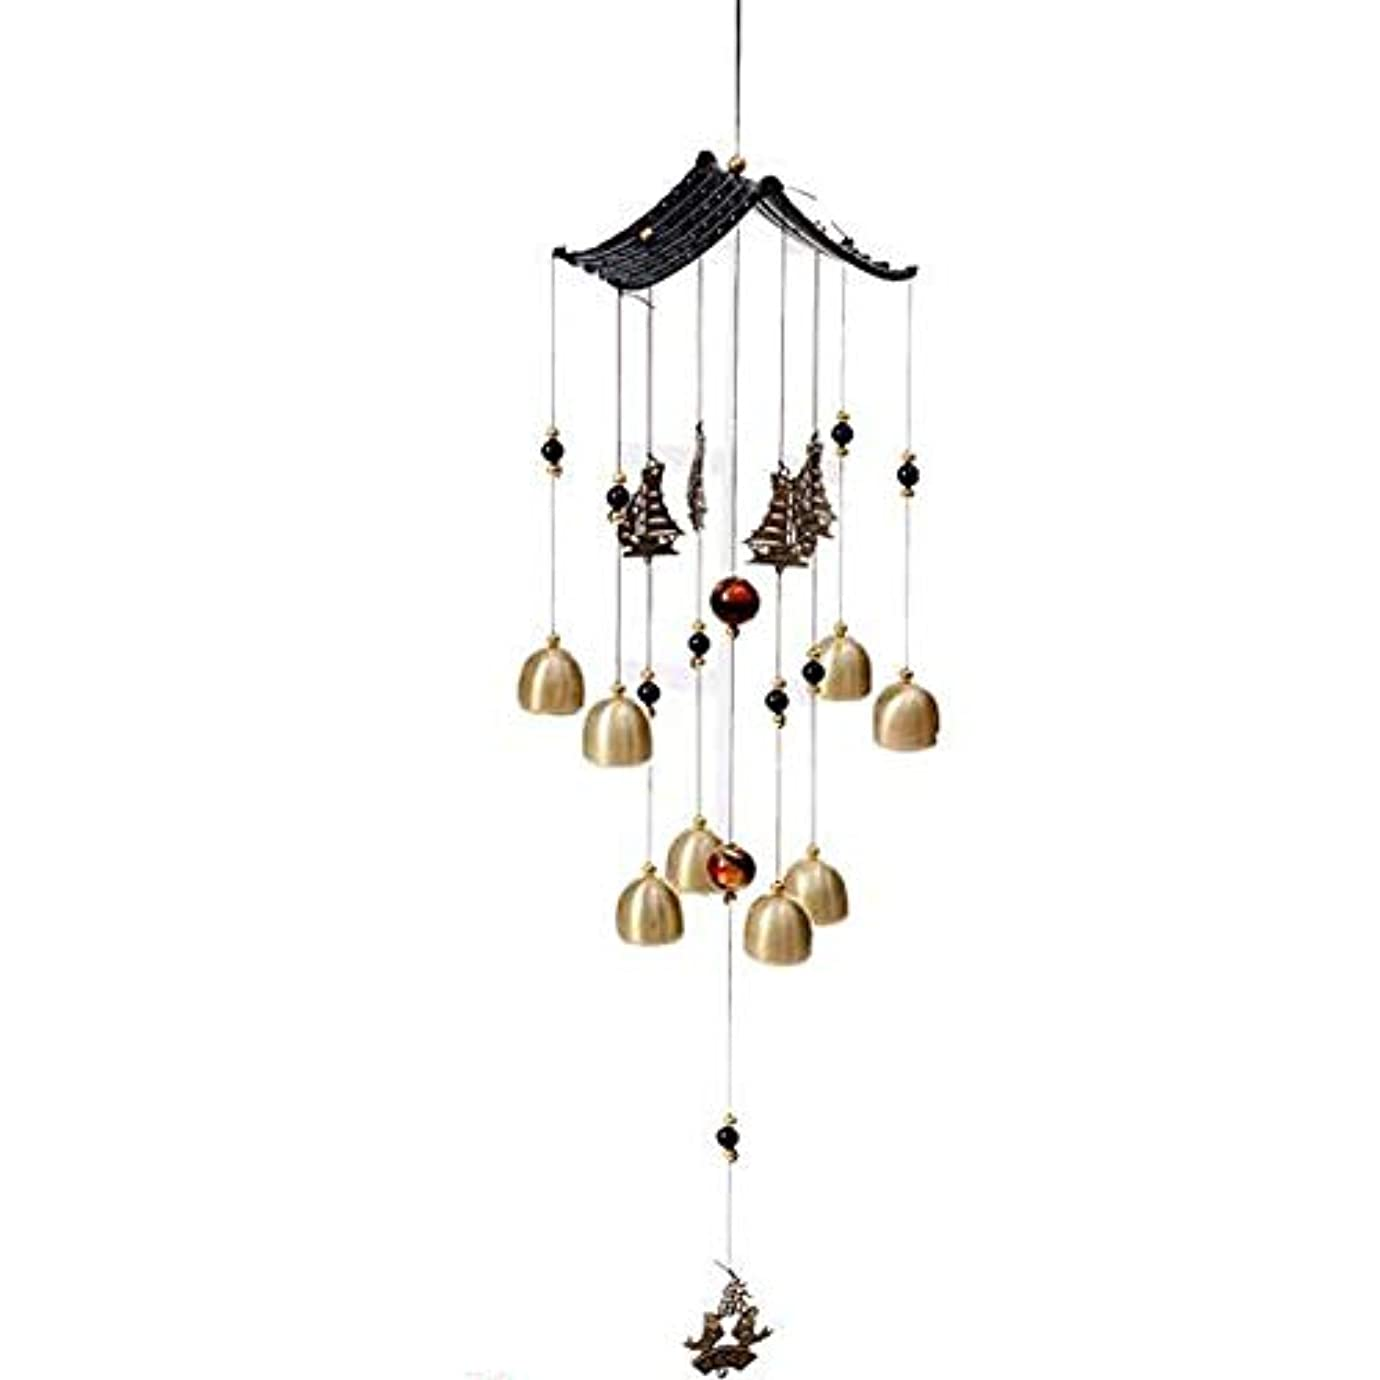 自発ホール彼女のKaiyitong01 風チャイム、金属銅鐘ホームデコレーション、ブラック、サイズ62 * 13CM,絶妙なファッション (Color : Black-A)